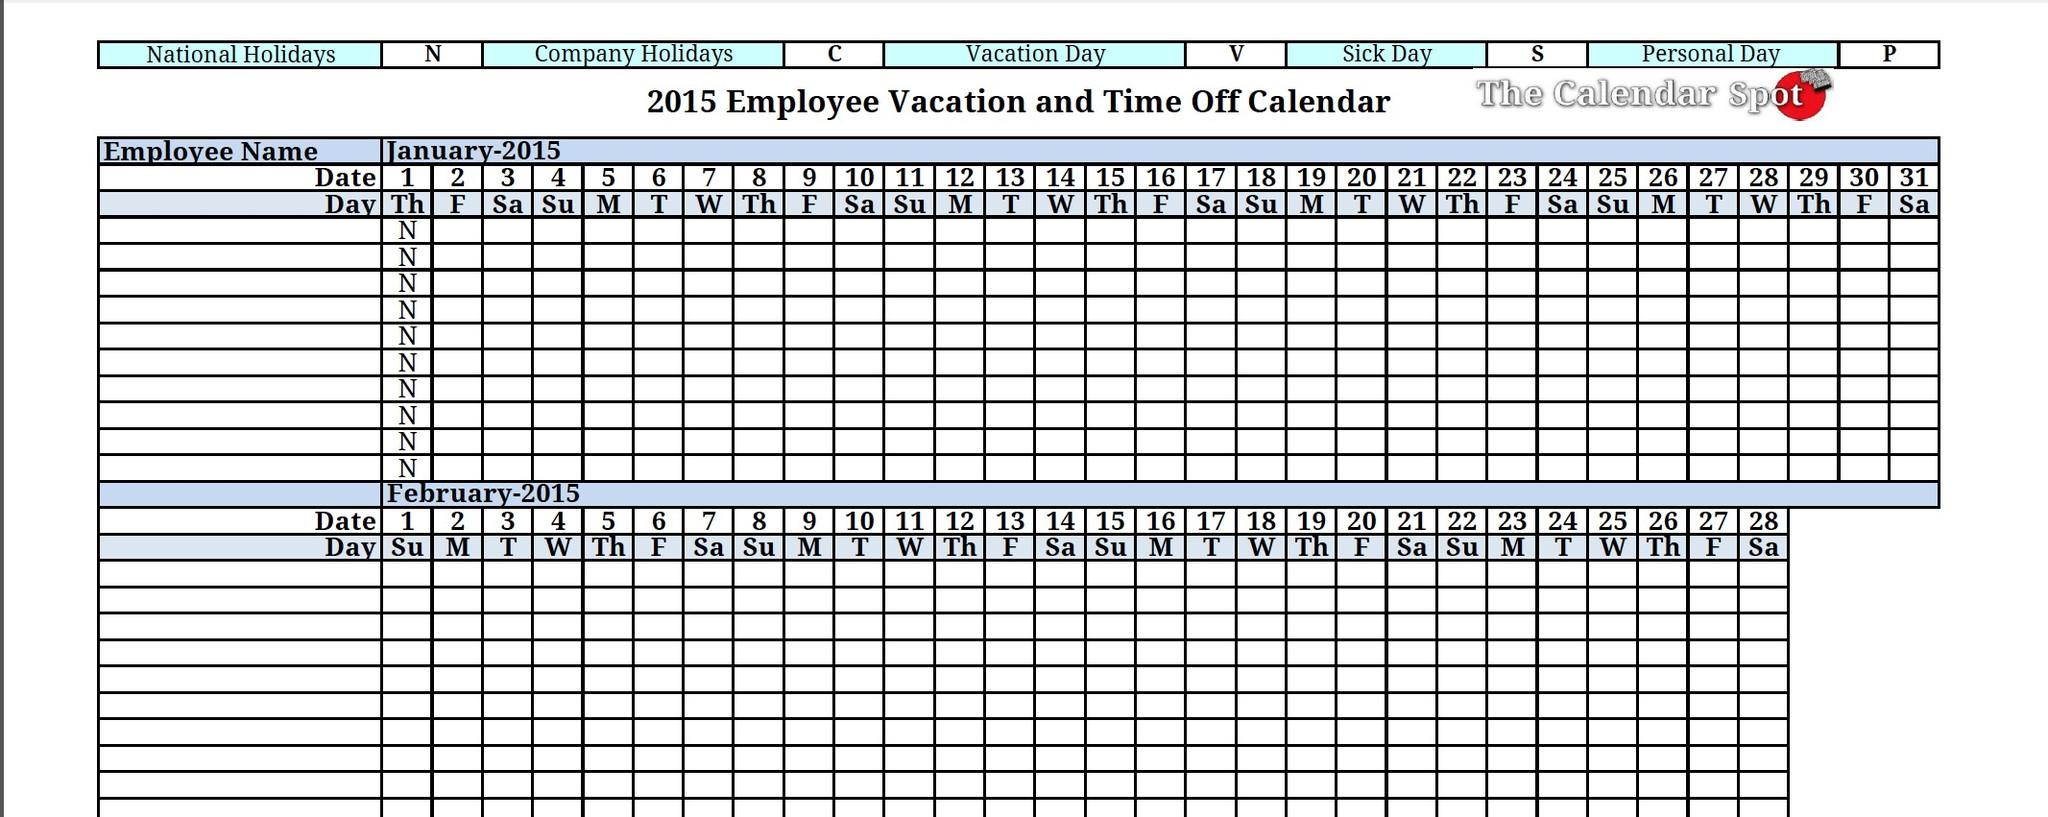 Employee Vacation Calendar Template 2015